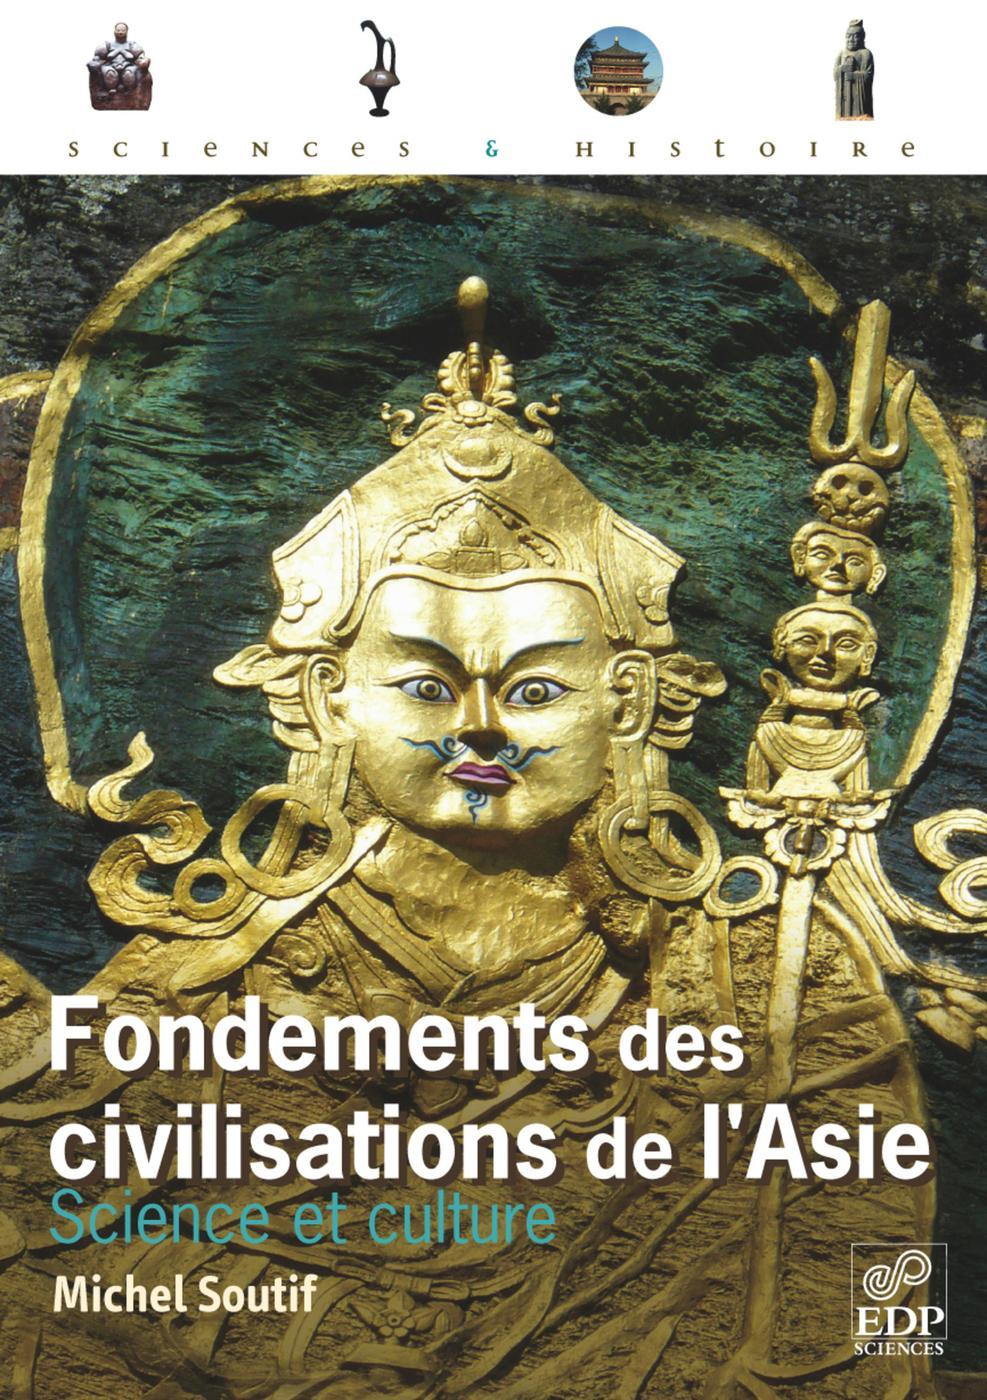 Fondements Des Civilisations De L Asie Michel Soutif Librairie Eyrolles